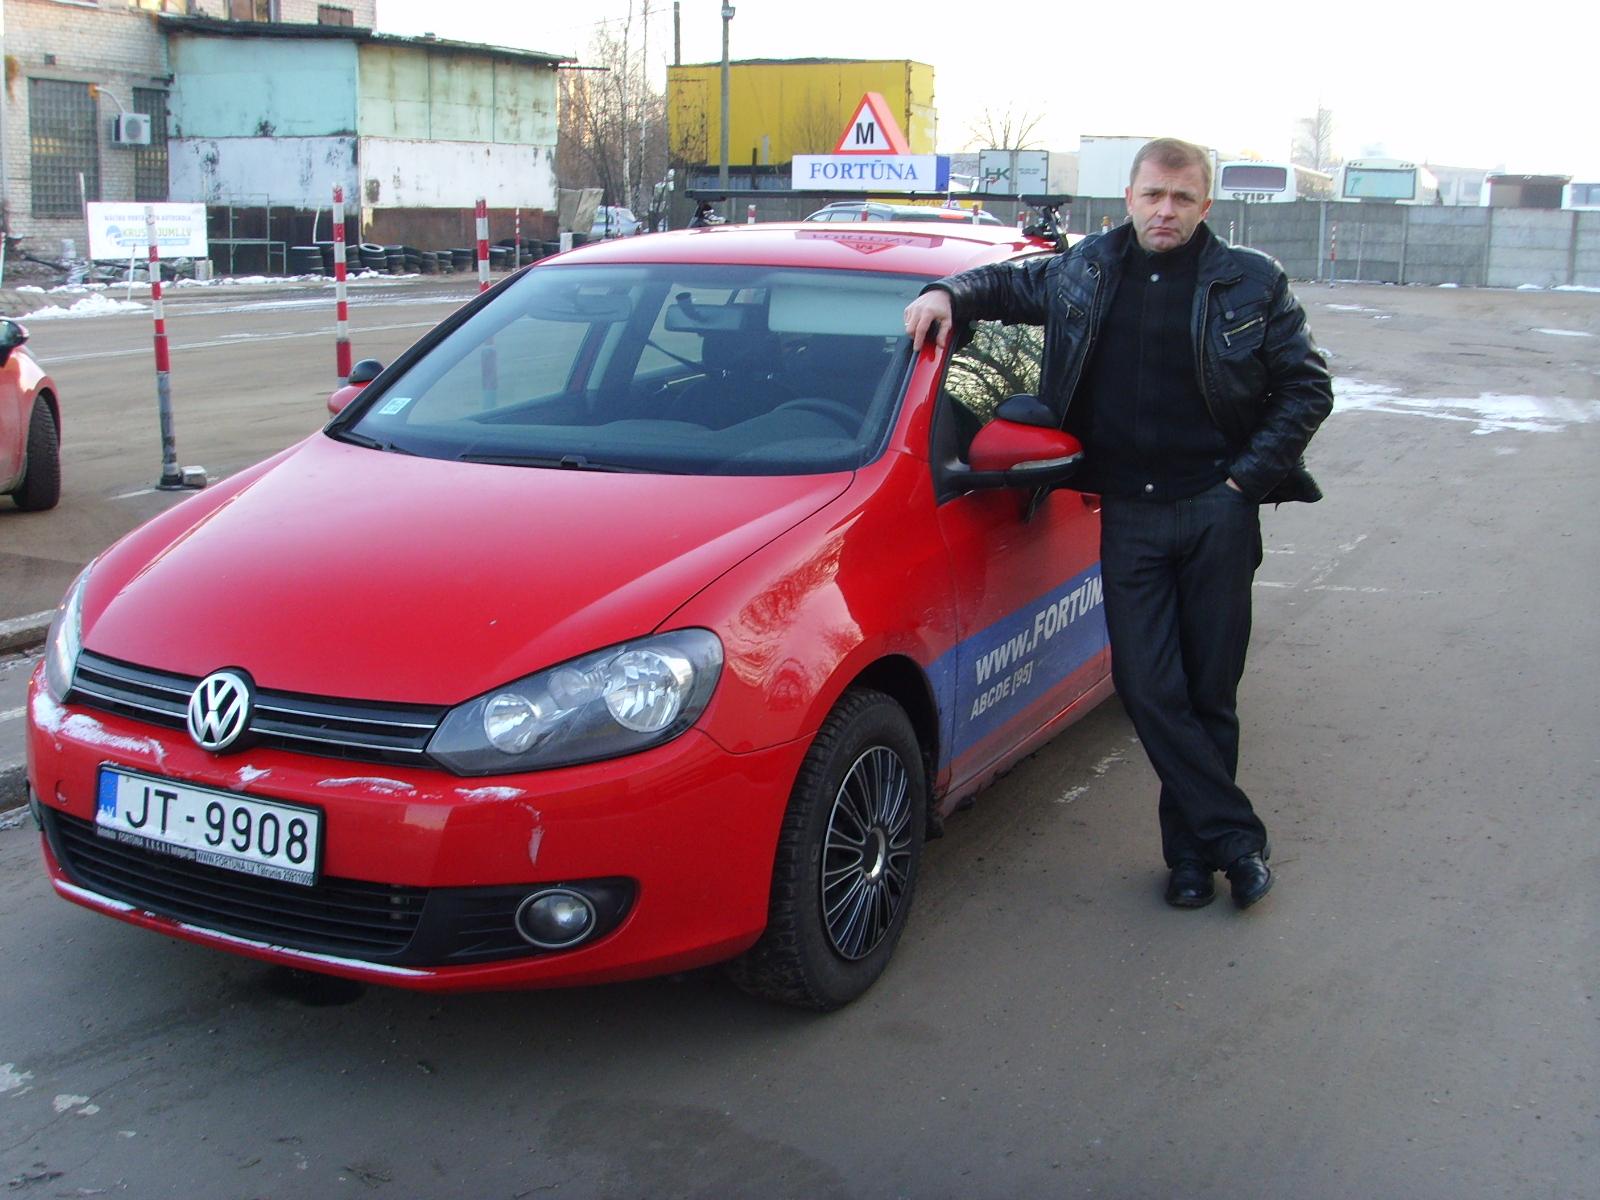 Jaunums mācību VW GOLF